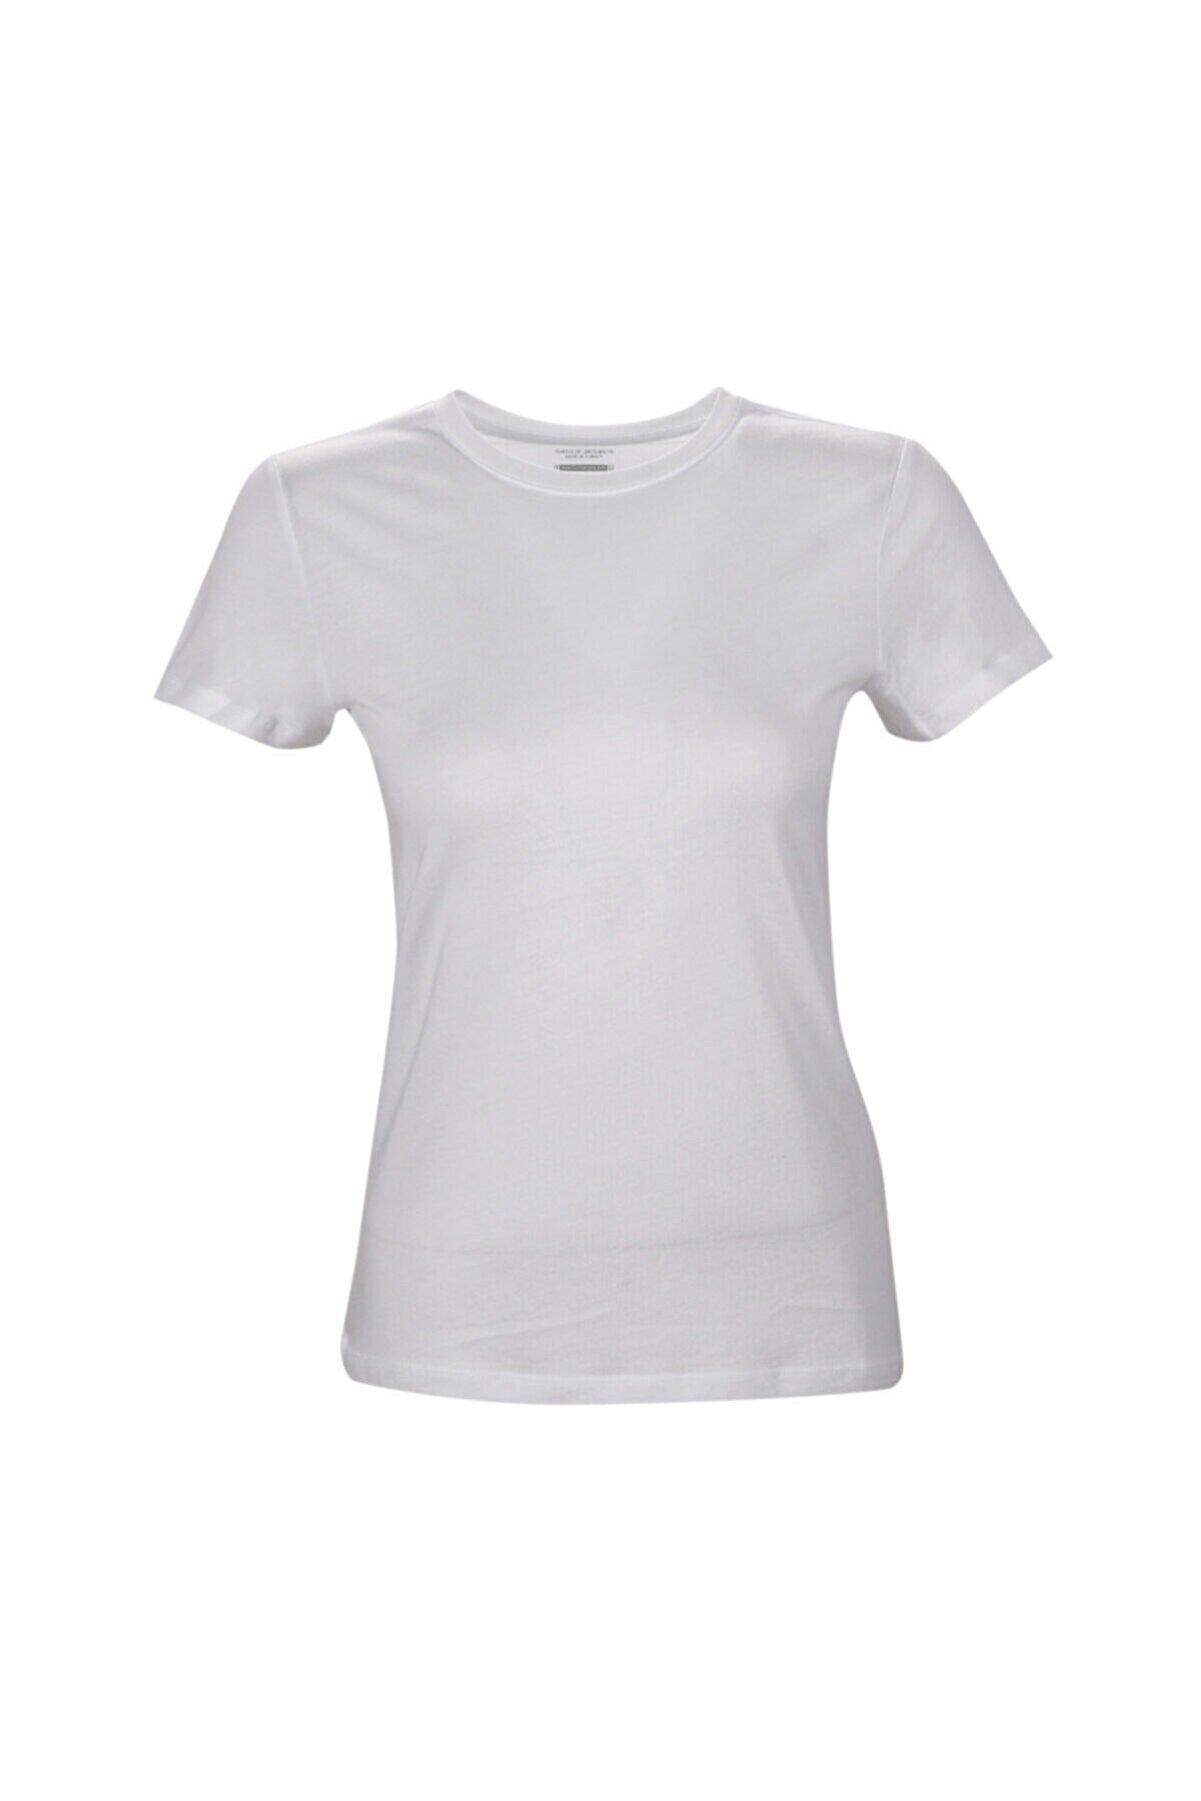 Lumberjack CT131 BASIC MODAL C NECK Beyaz Kadın T-Shirt 100581839